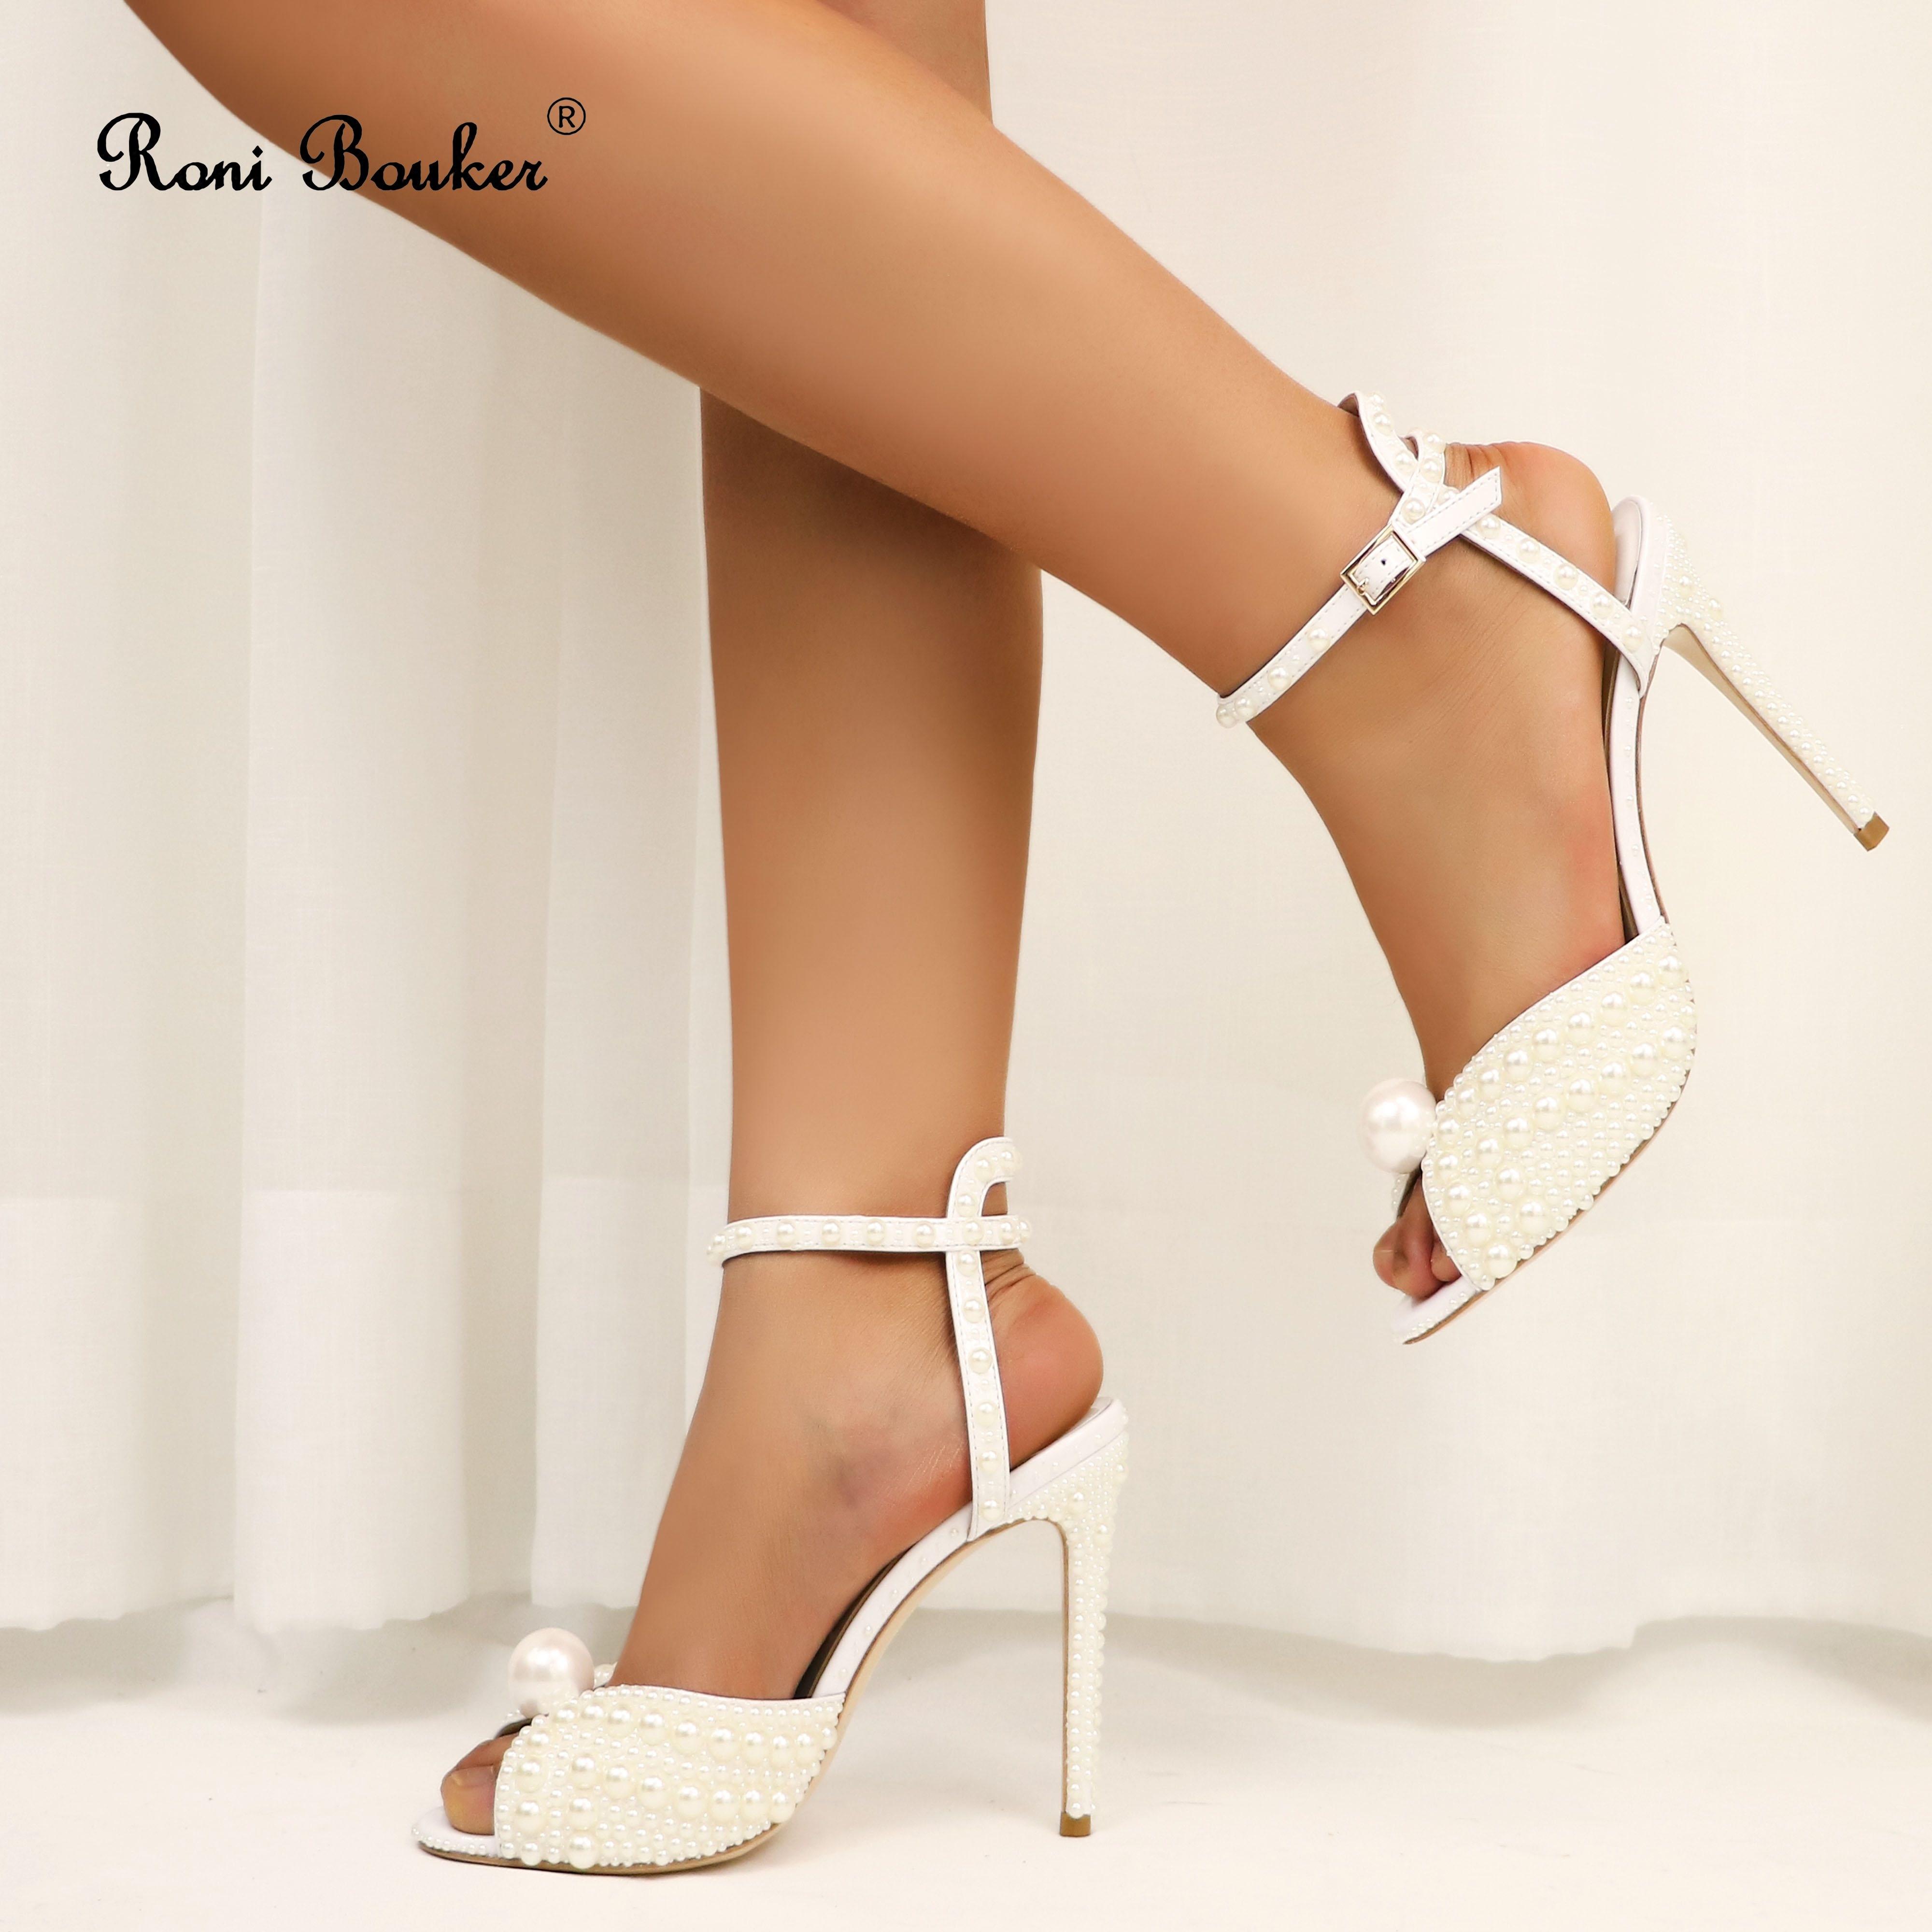 Roni Bouker Handmade prawdziwej skóry buty ślubne dla panny młodej kobiety luksusowe perły sandały na wysokim obcasie kobieta wysokie obcasy kobiet wieczór sandały w Wysokie obcasy od Buty na  Grupa 1